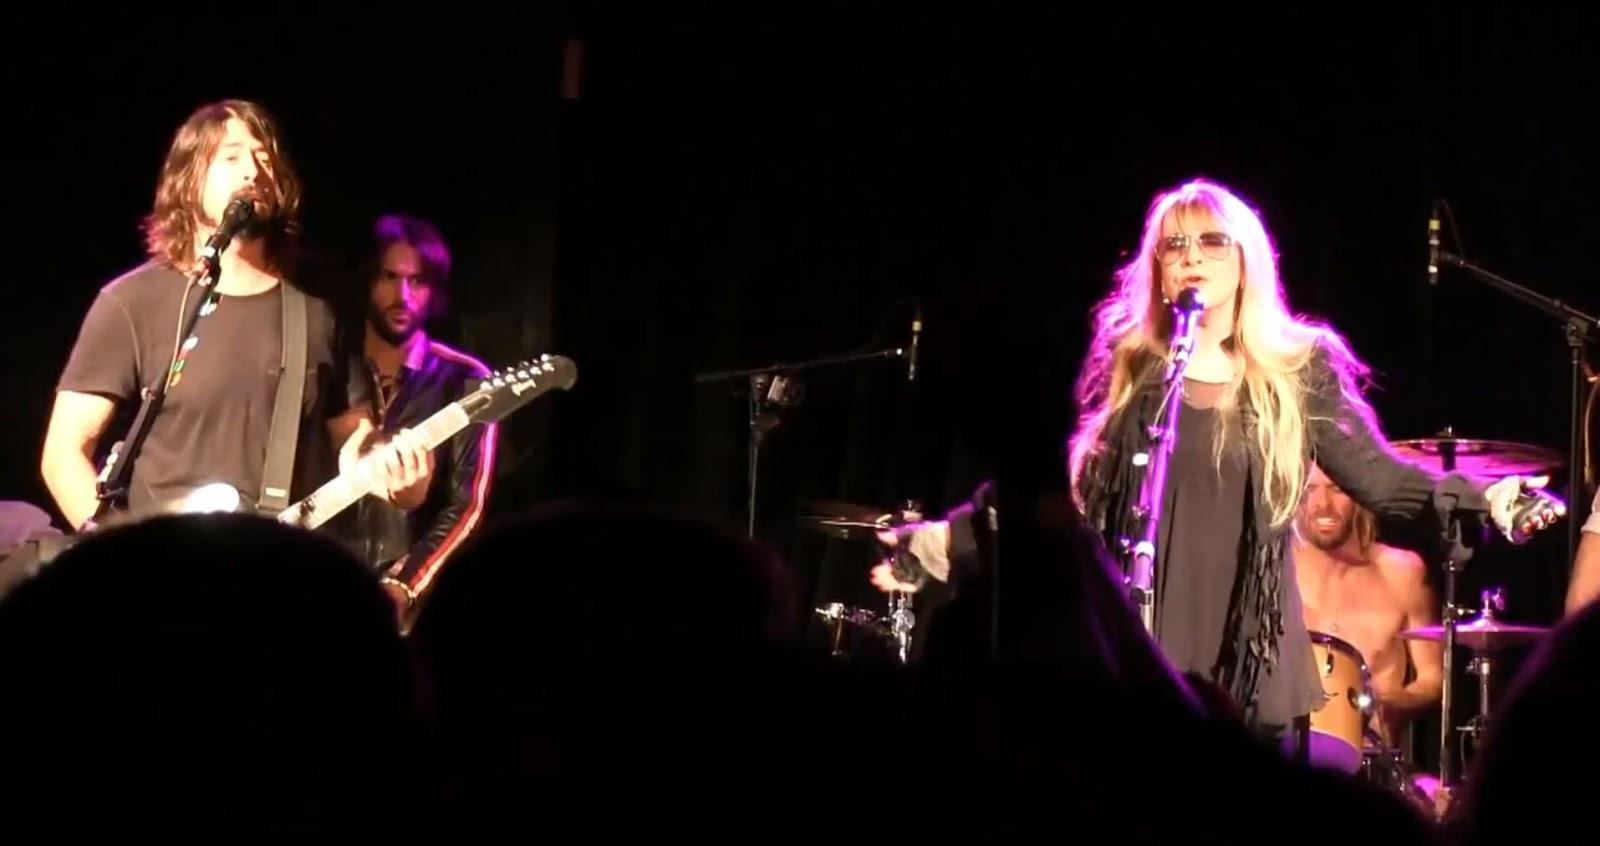 http://2.bp.blogspot.com/-KGh-hZCNBh8/UTU_ADChe8I/AAAAAAAAc_A/L0b9-hIy32w/s1600/Sundance+Stevie+Nicks+Dave+Grohl+m.JPG